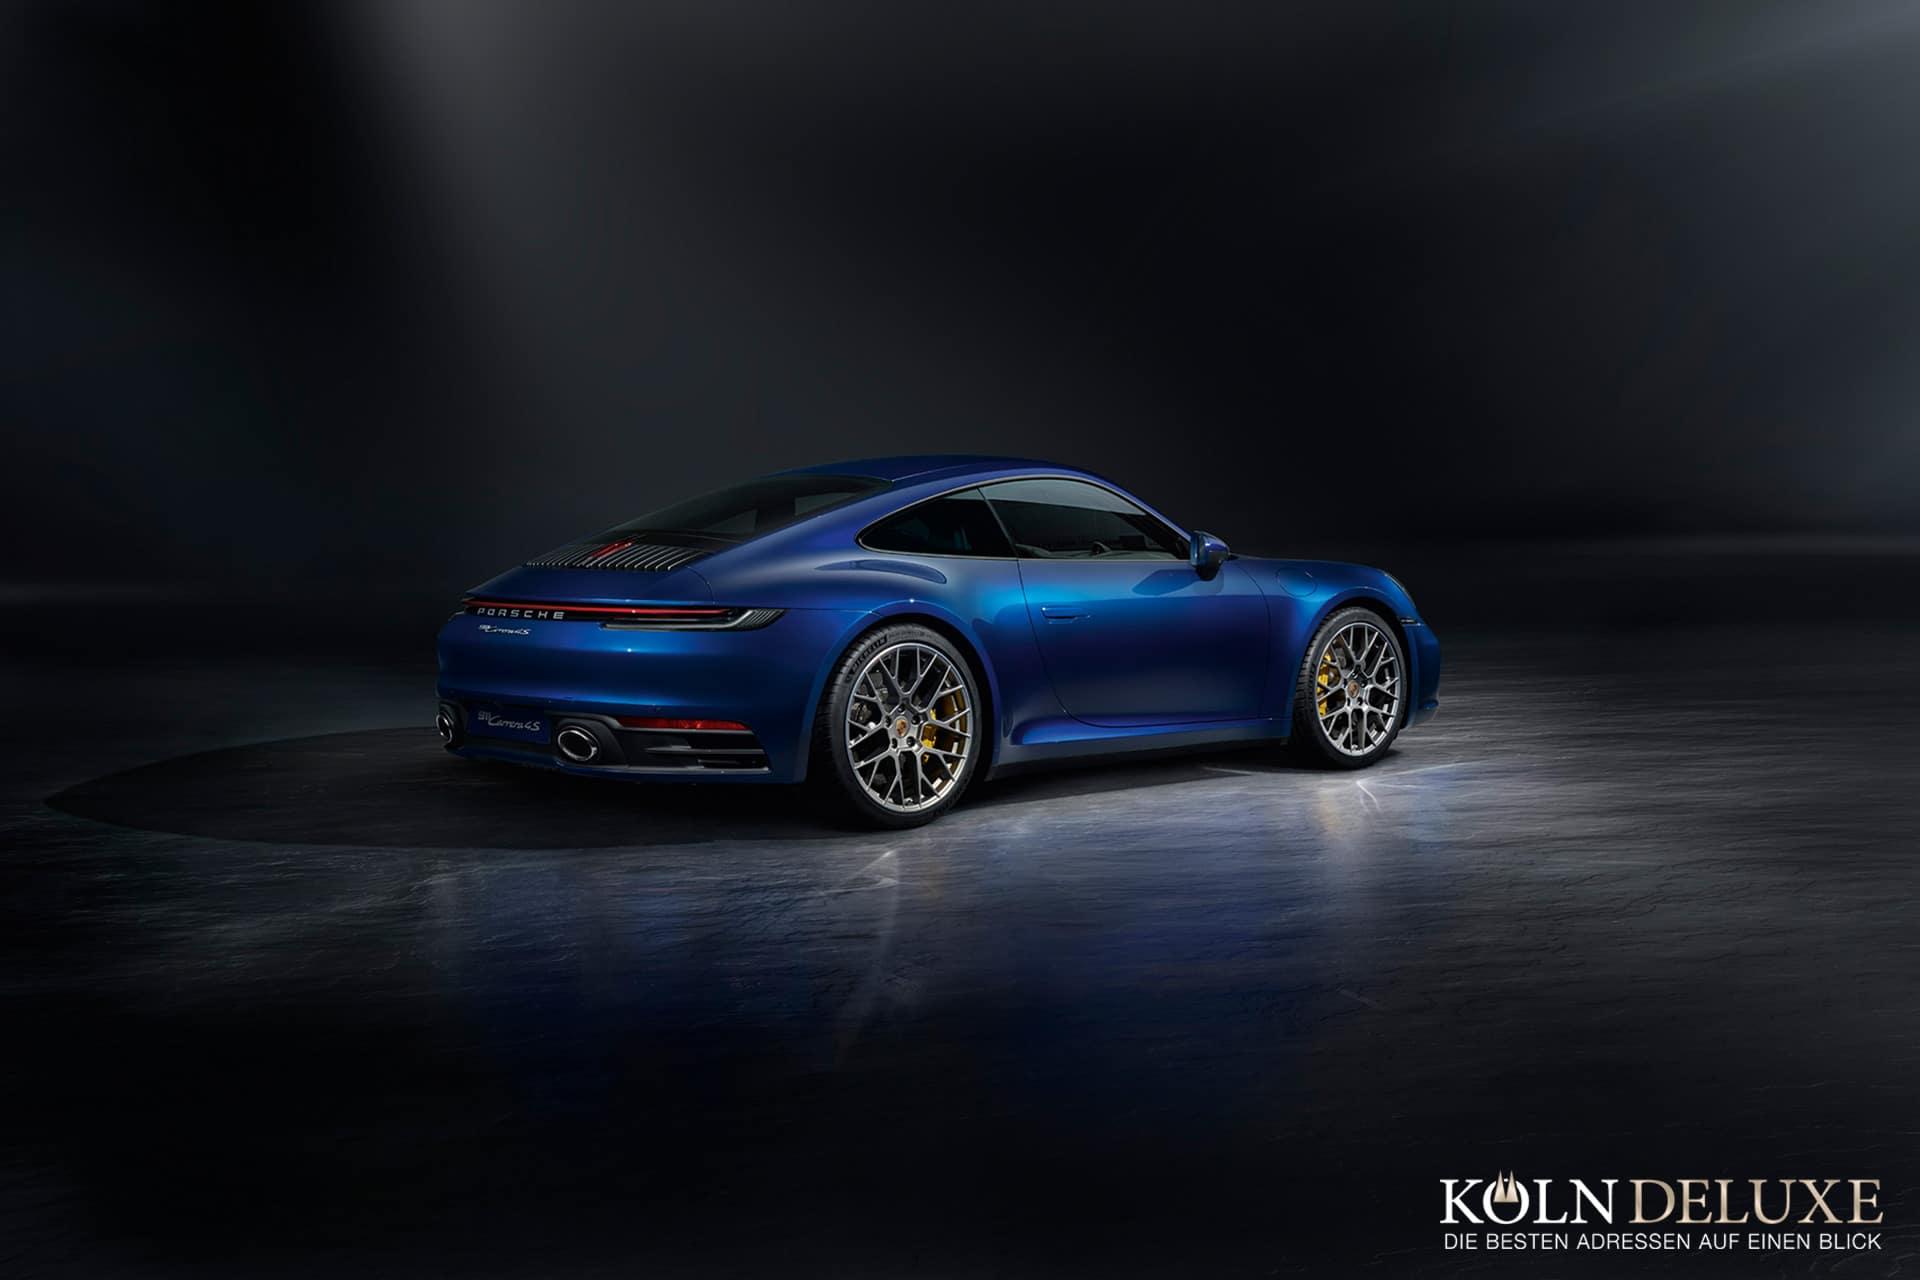 Der neue Porsche 911 – stärker, schneller, digital